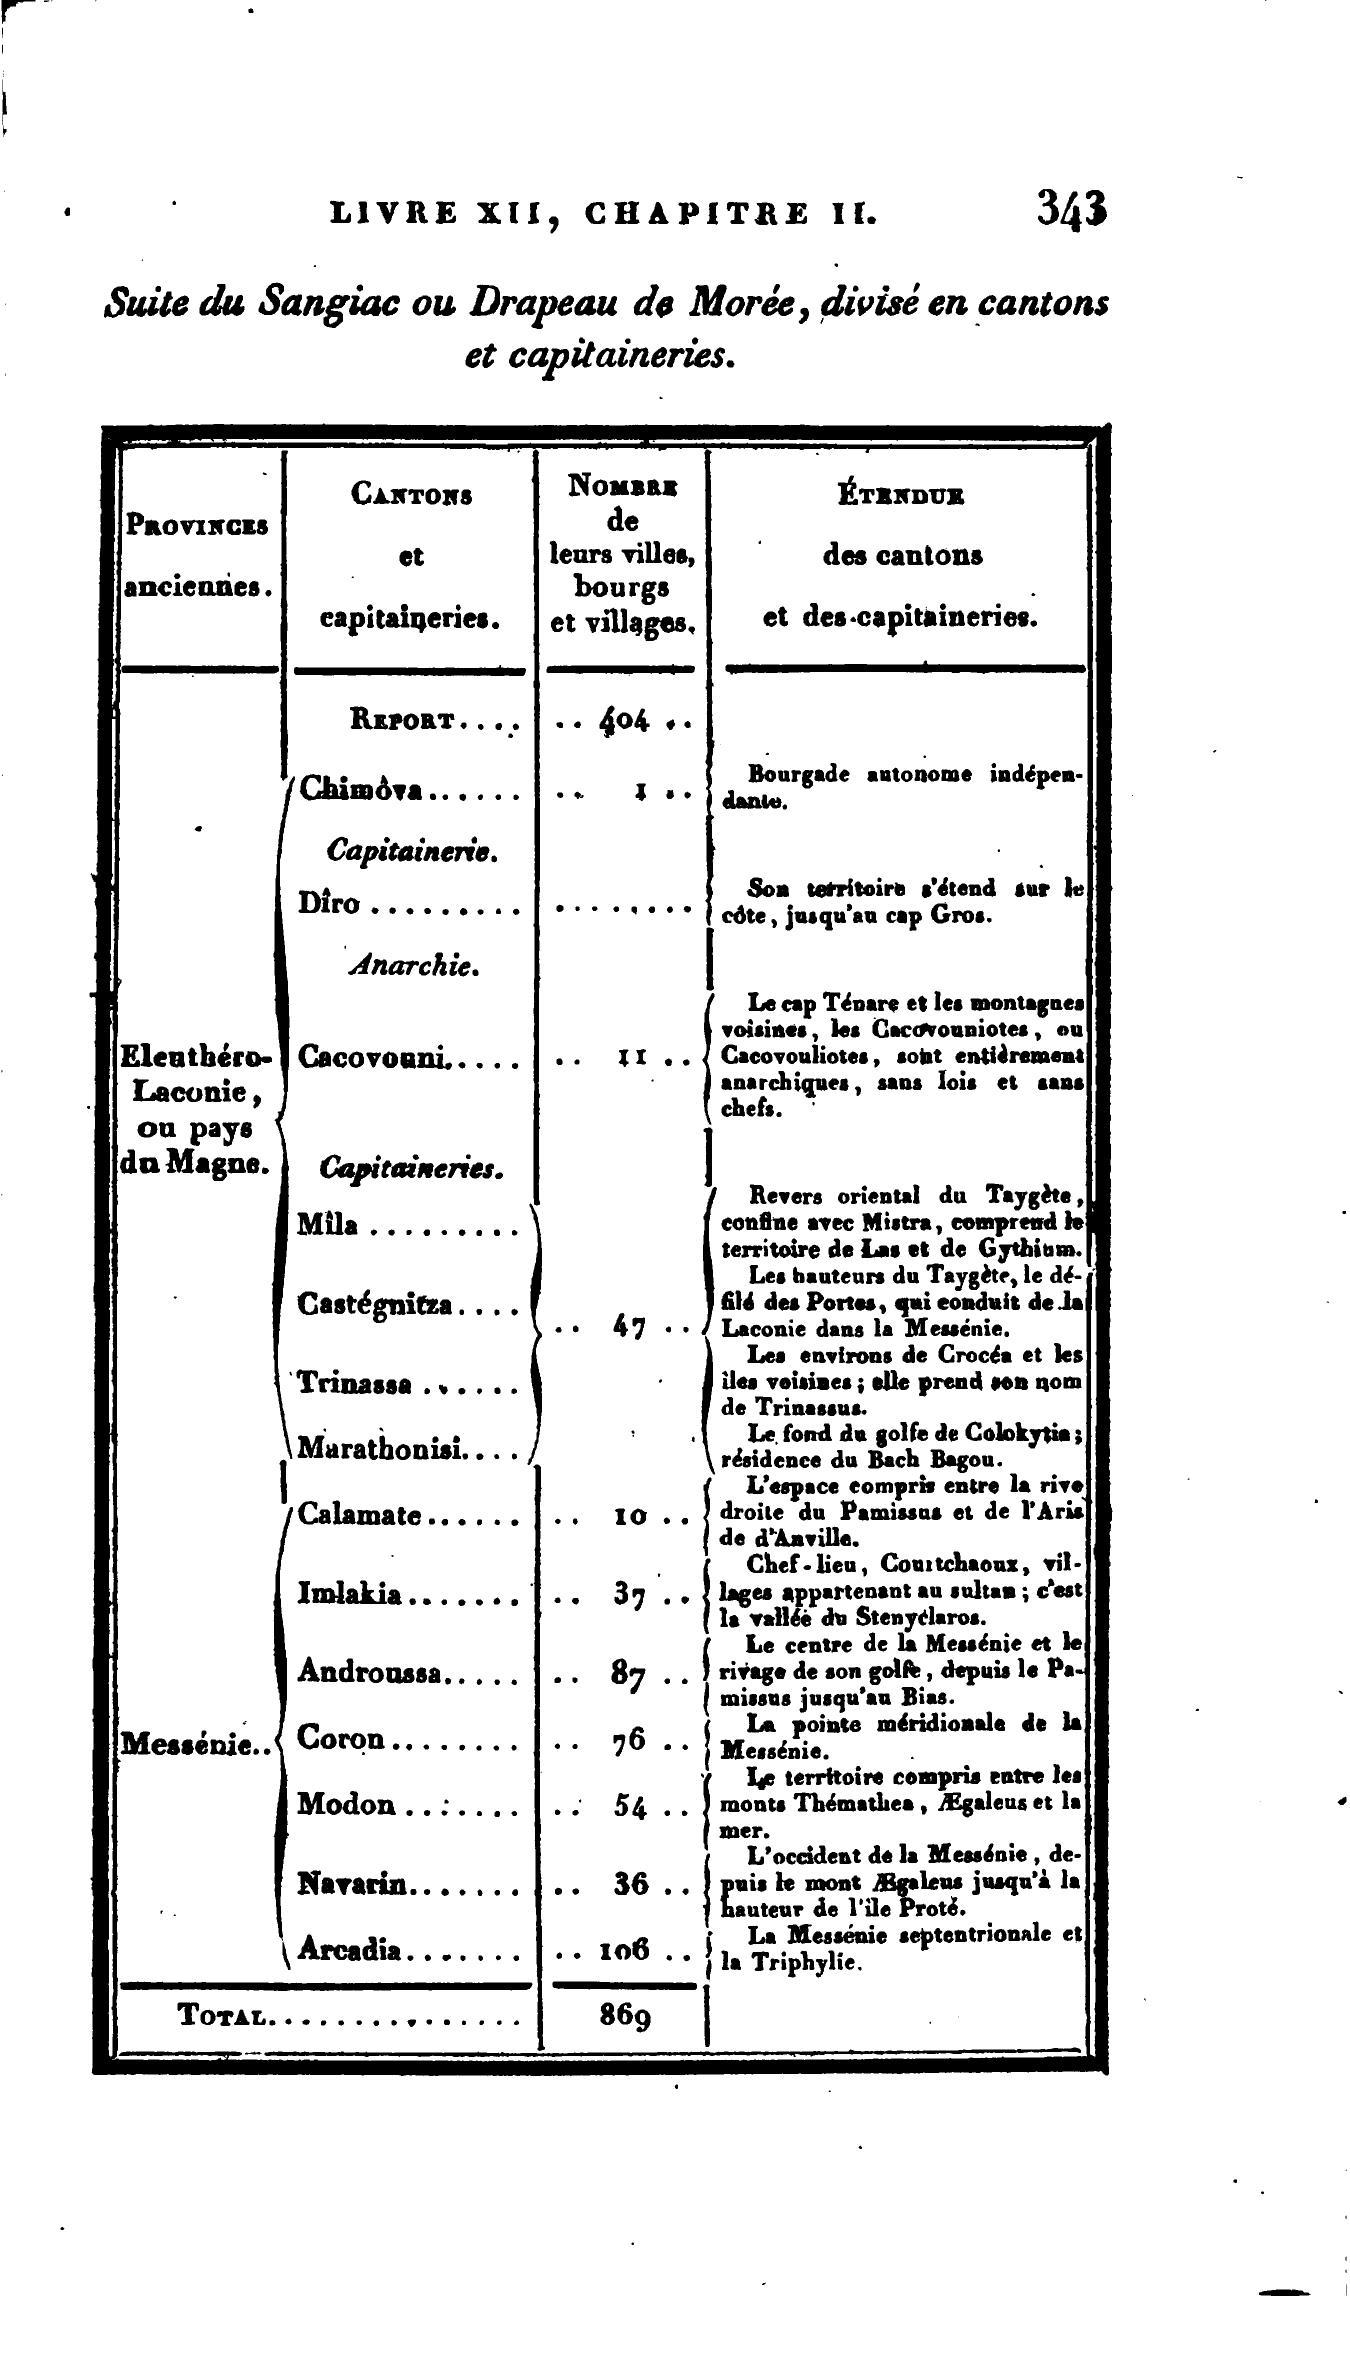 Η διοικητική διαίρεση της Πελοποννήσου πριν την Επανάσταση